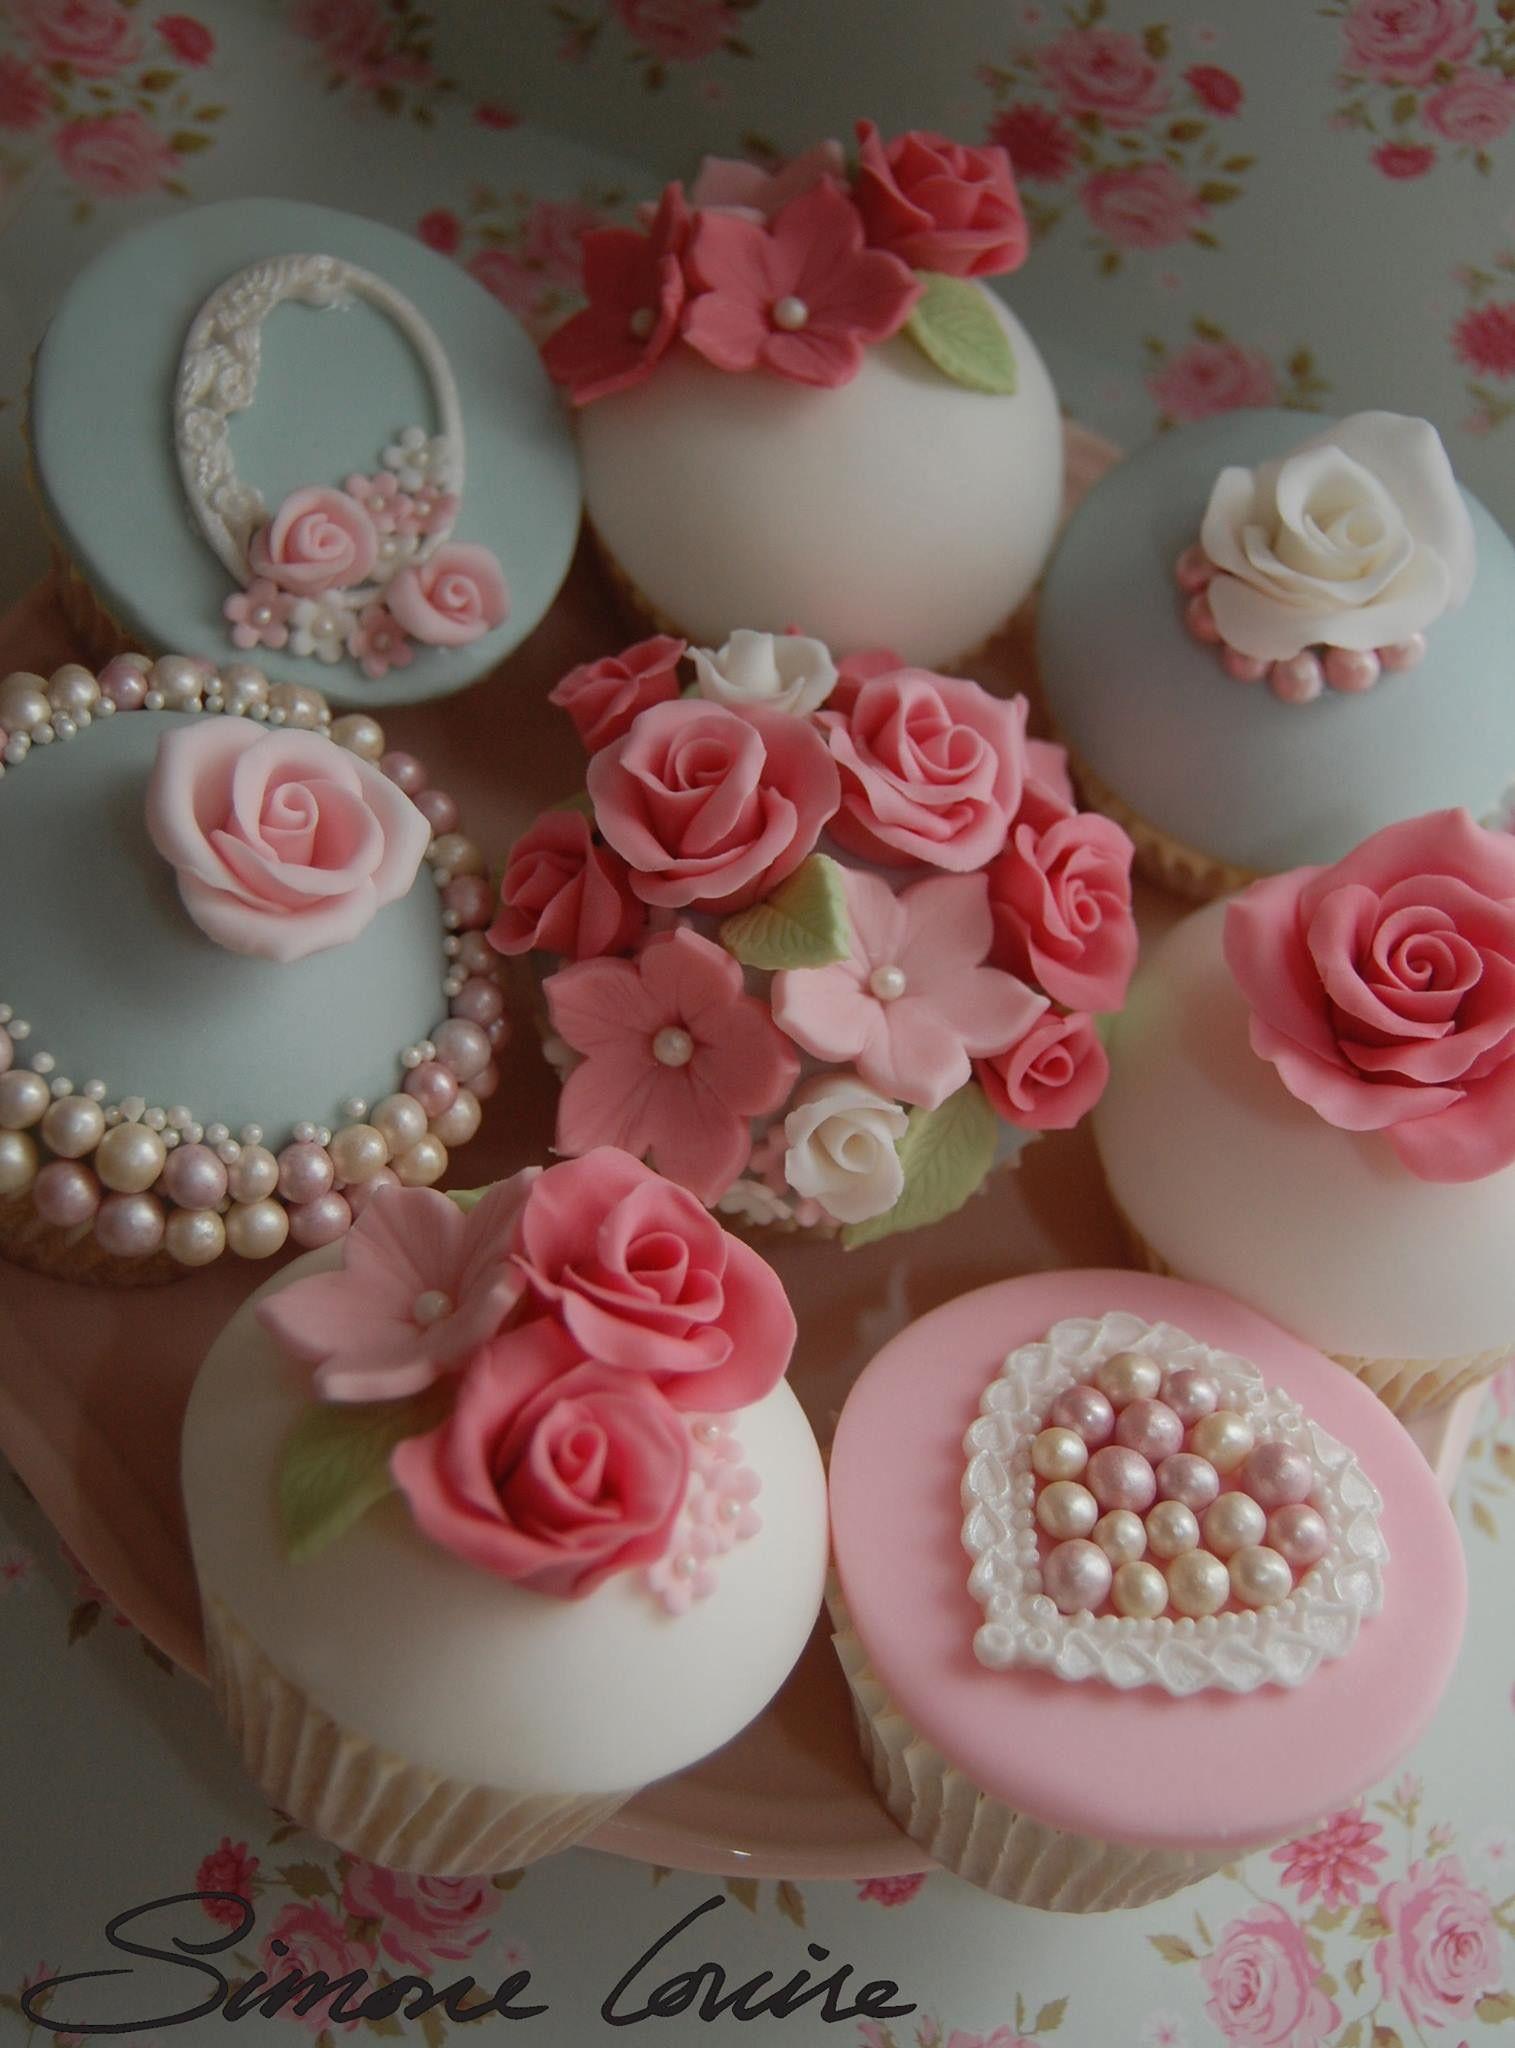 Beautiful flower birthday cupcakes by simone louise cakes beautiful flower birthday cupcakes by simone louise cakes izmirmasajfo